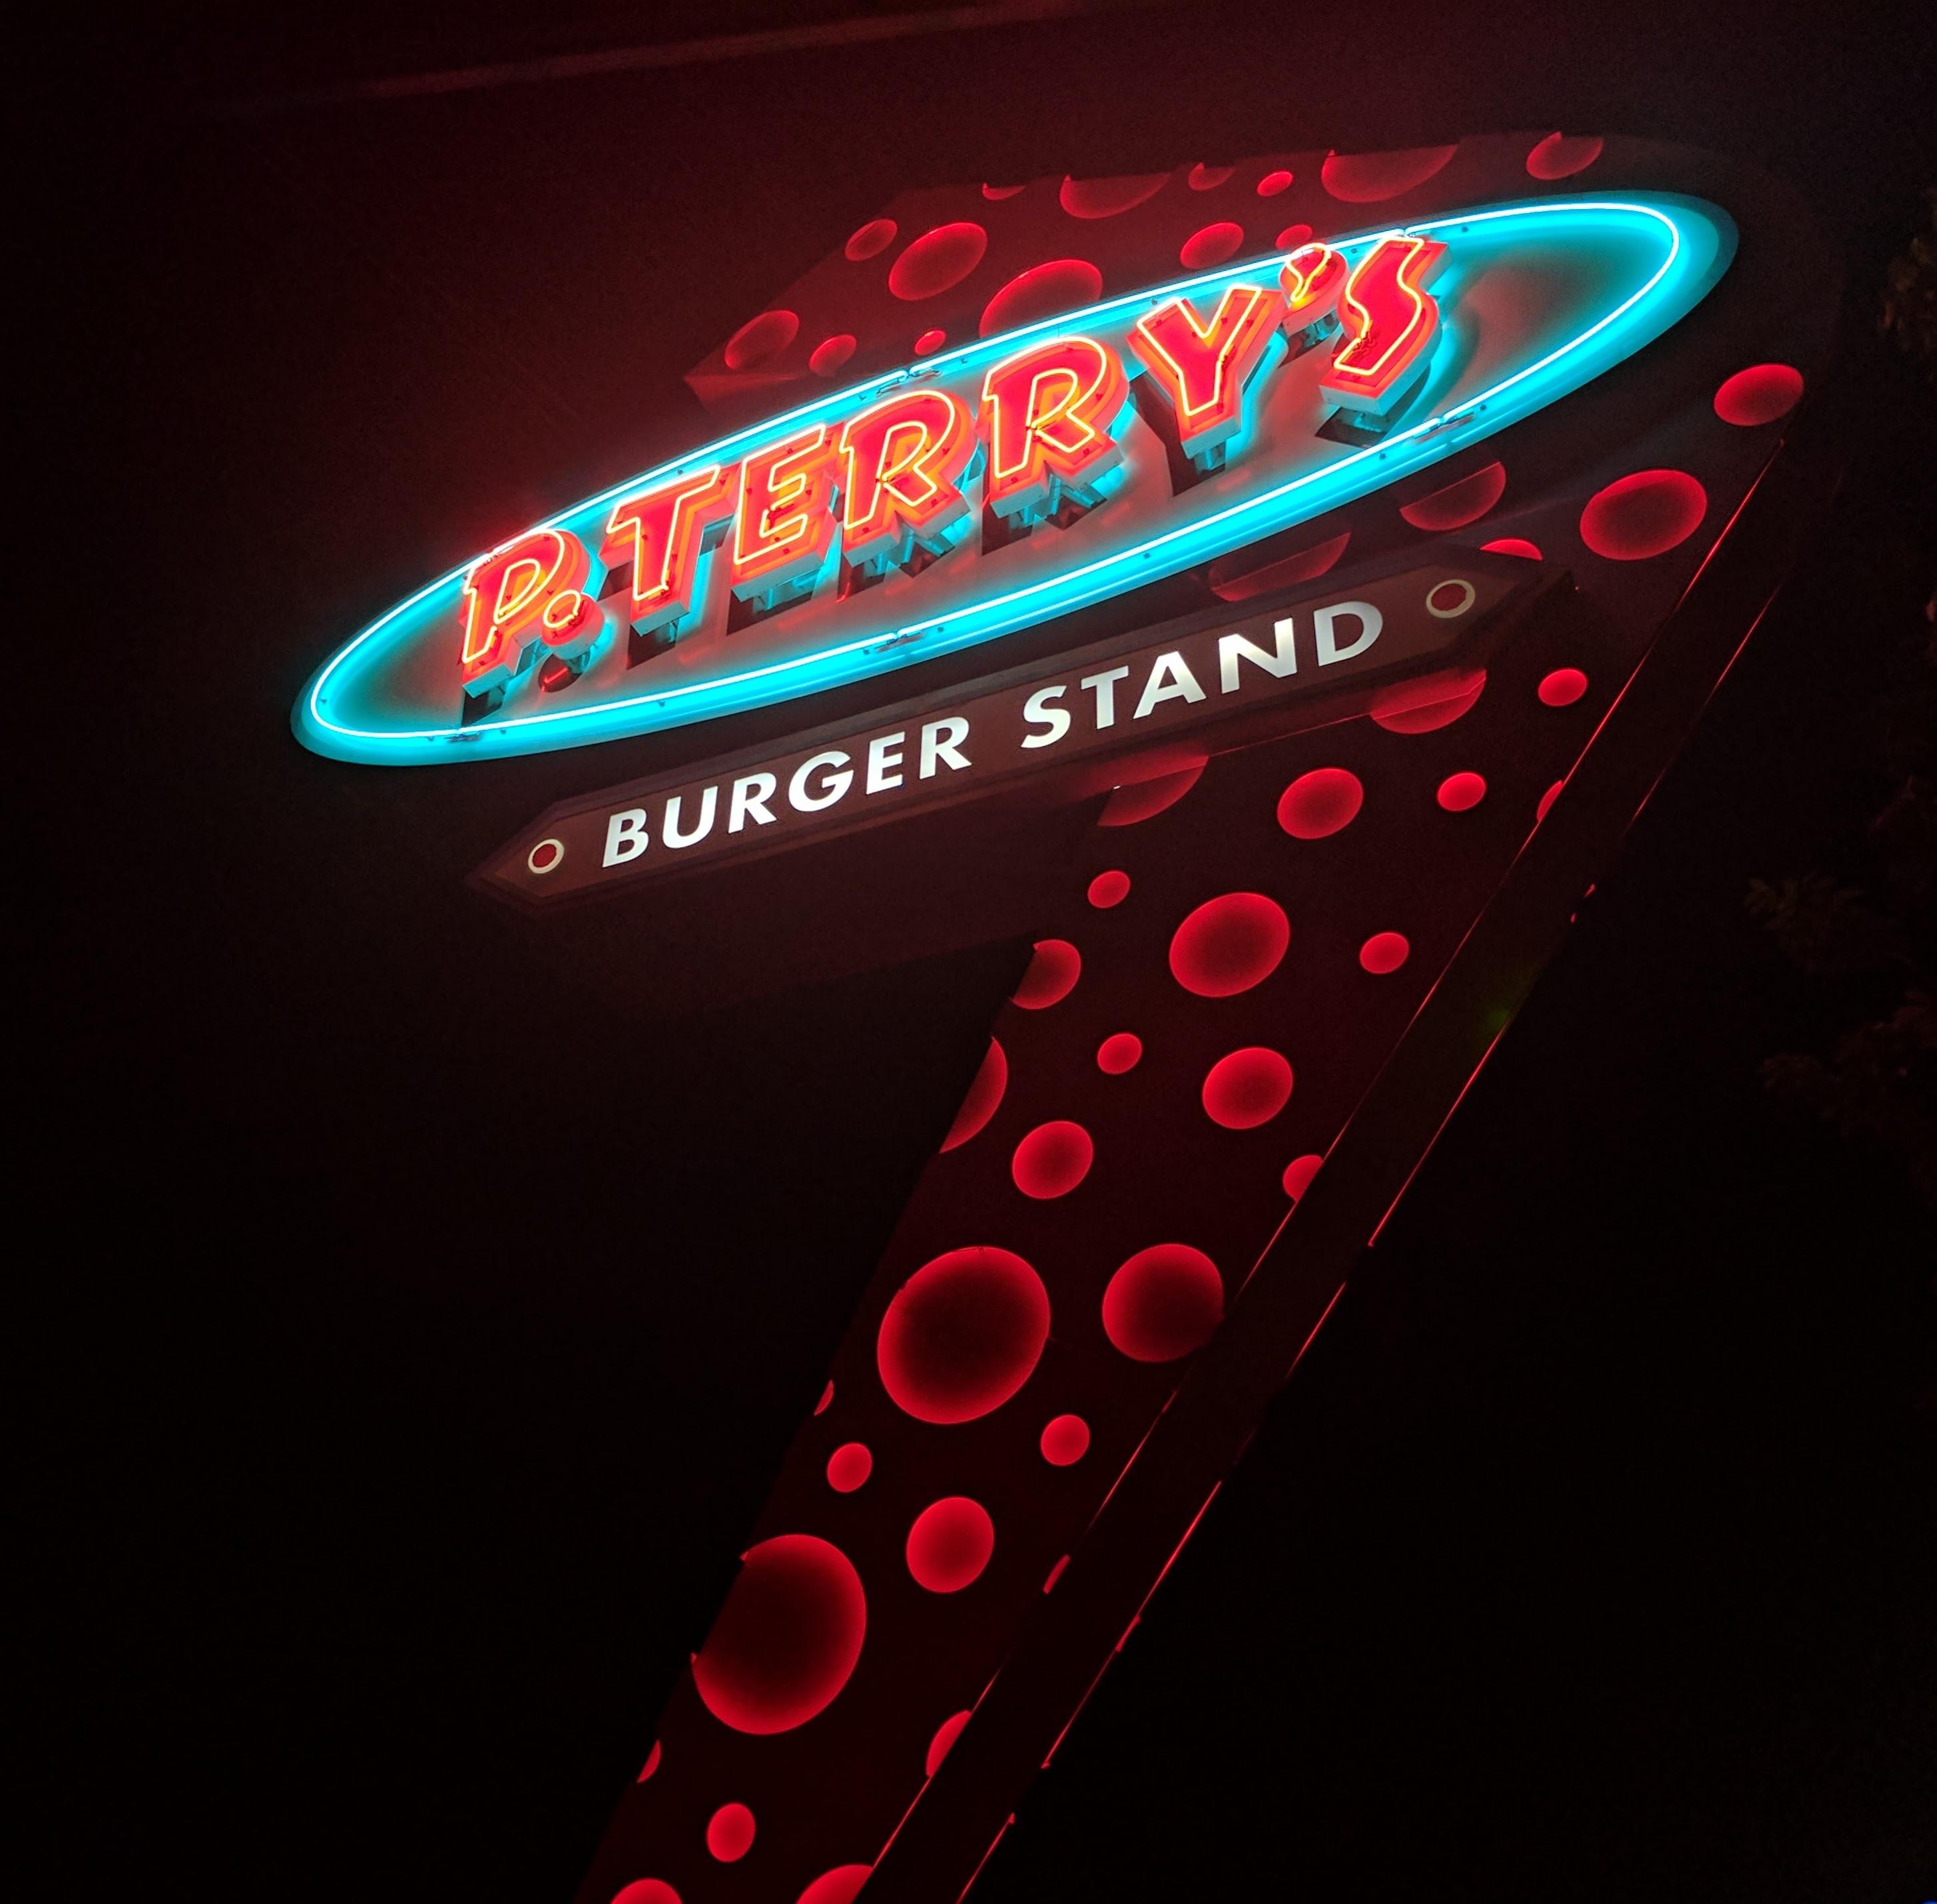 P. Terry's LED signage